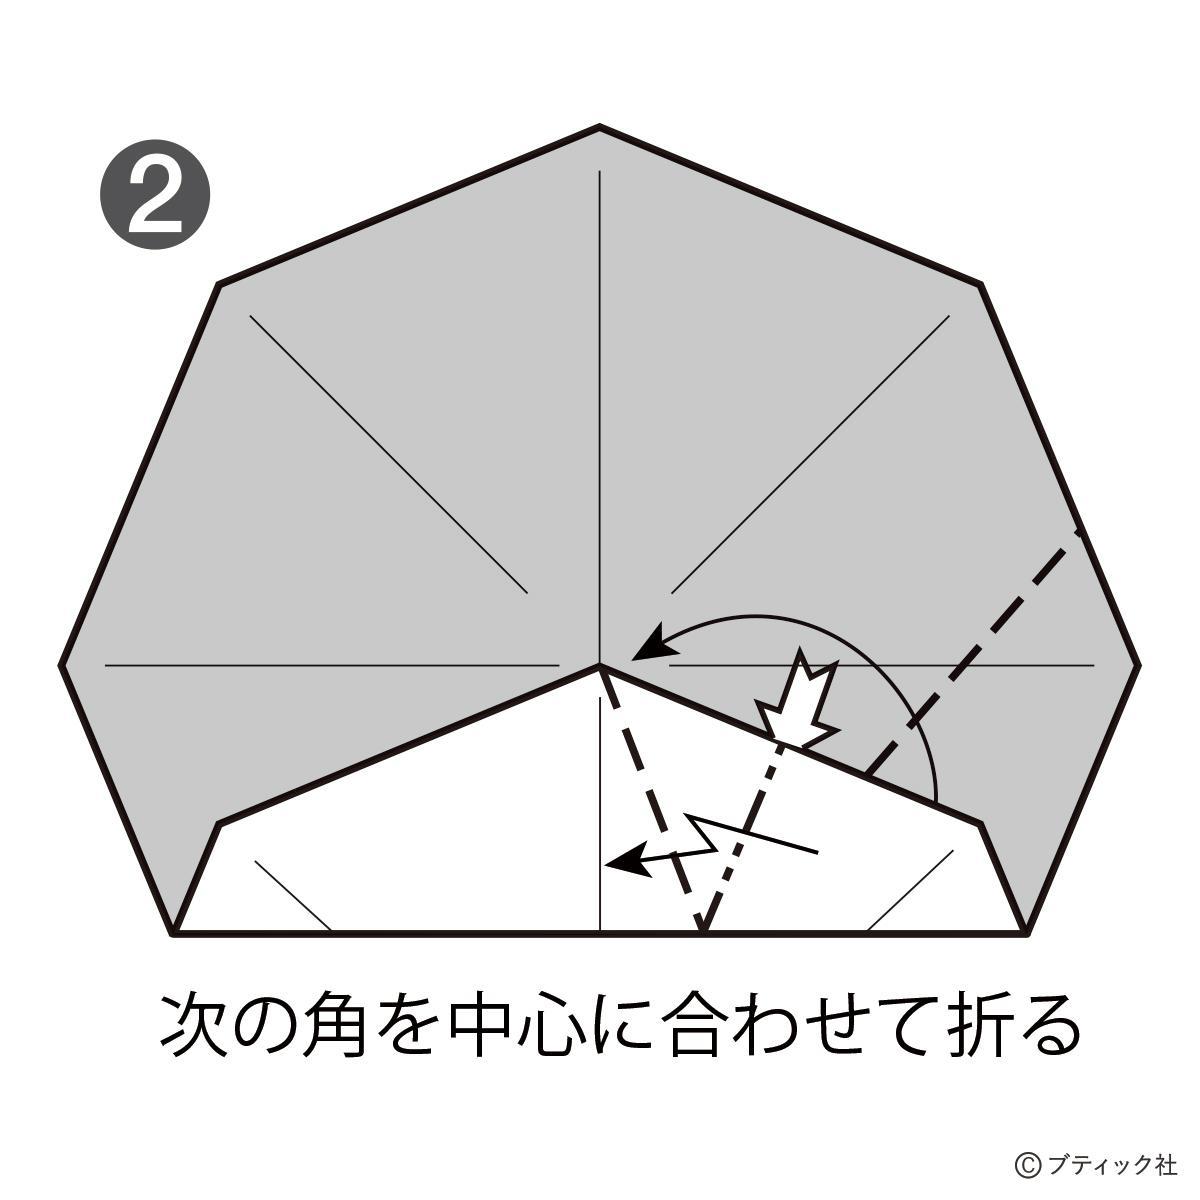 e53ee6eccc5cde190238ef26282b1a37